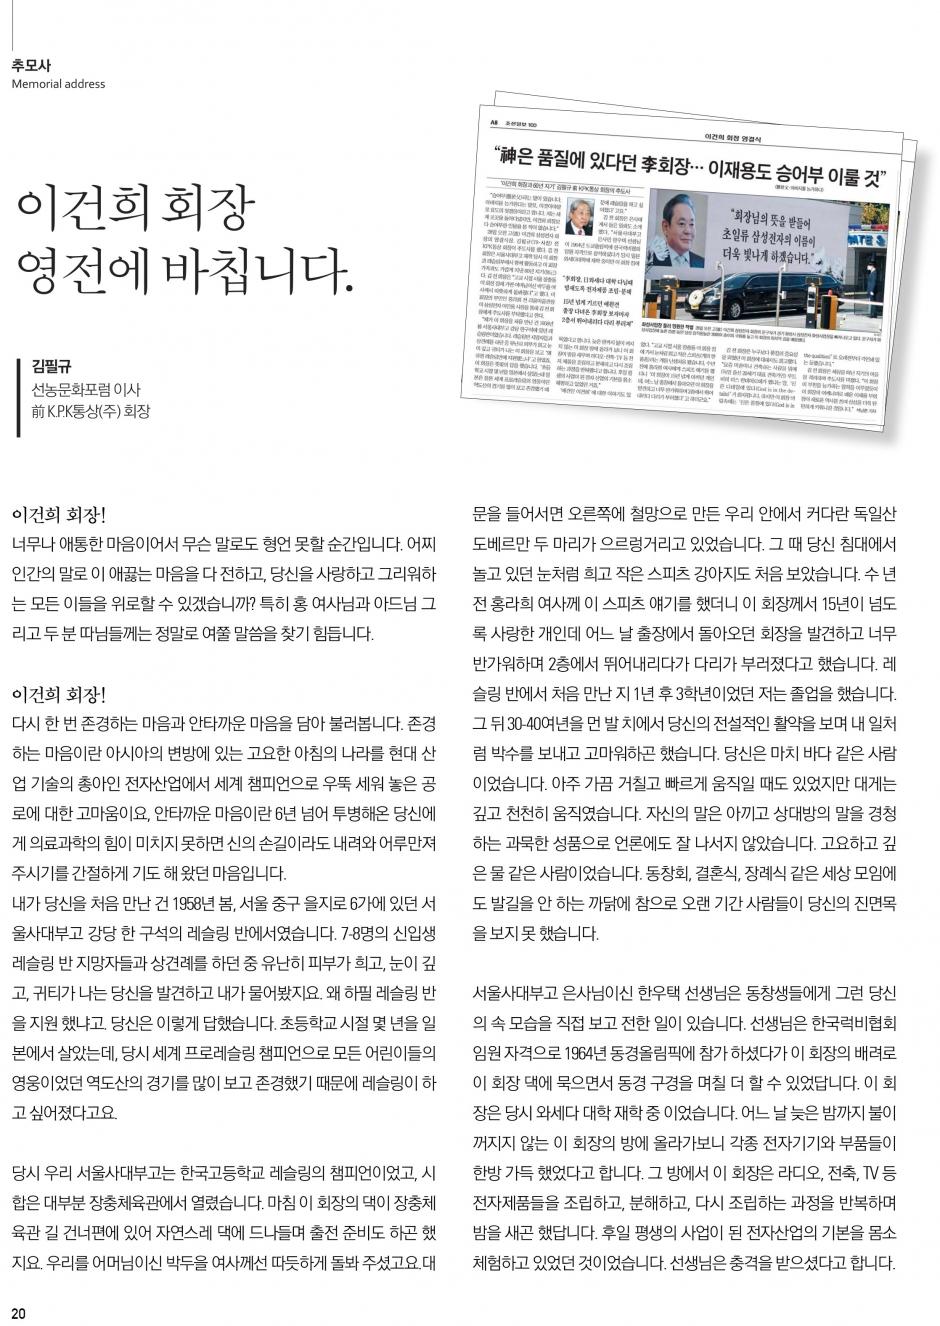 선농문화포럼_낱장-20.jpg